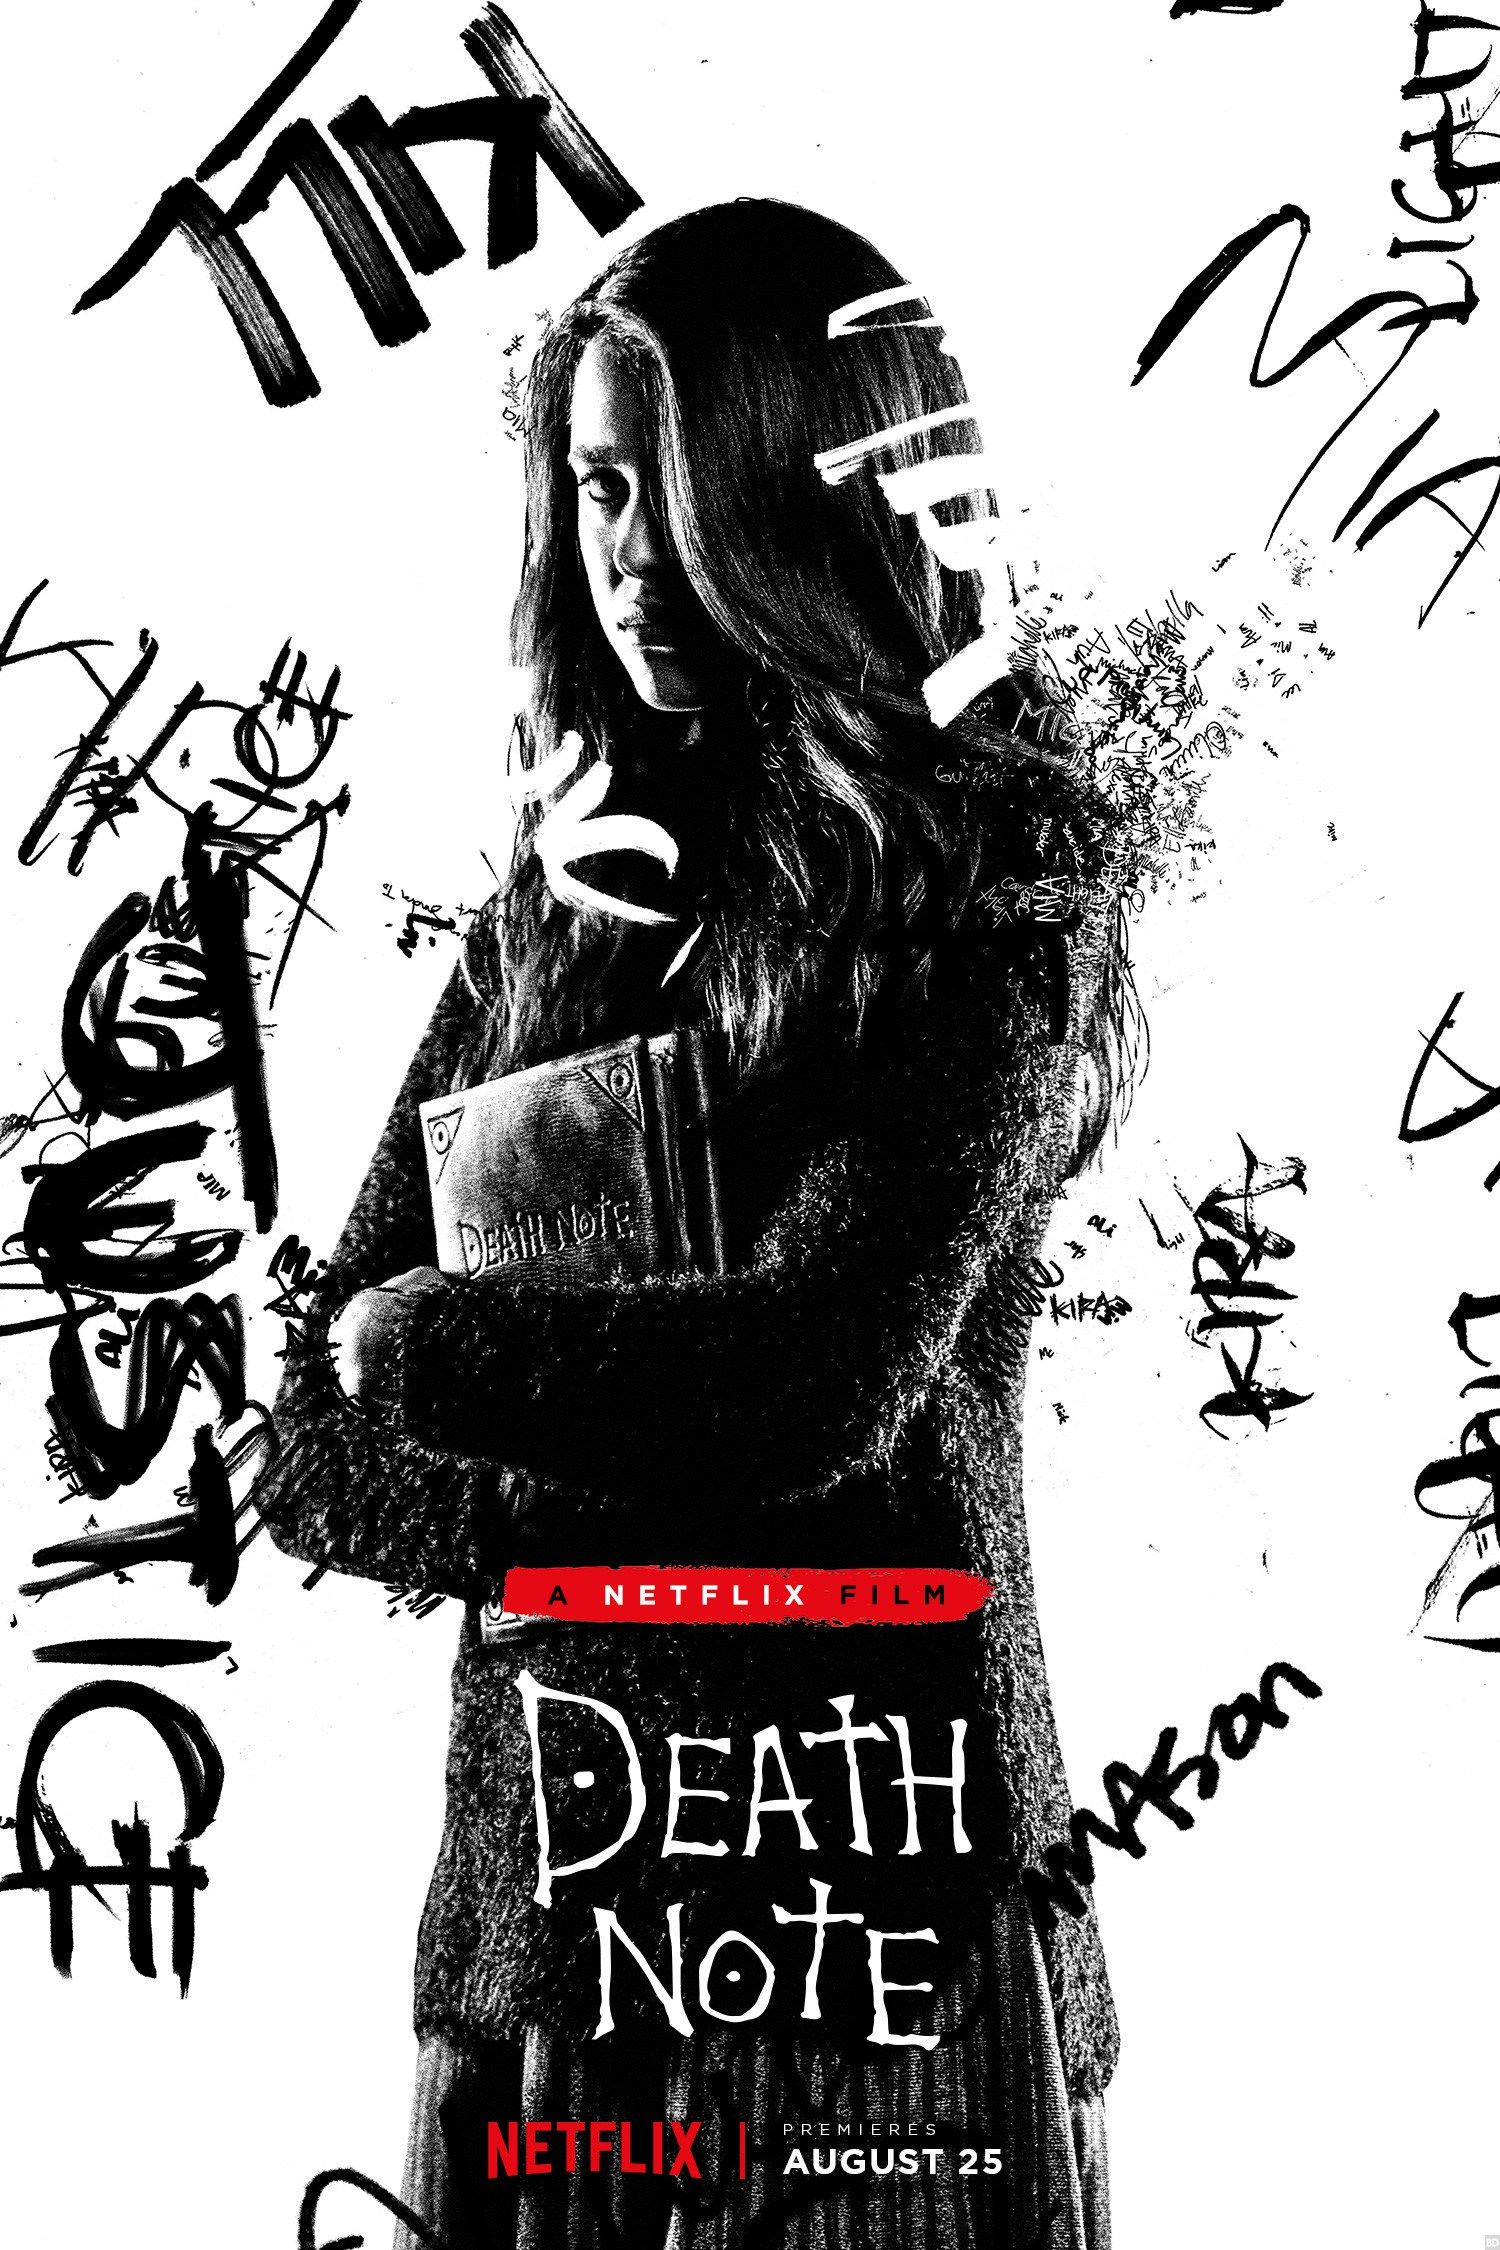 Poster Mia Death Note